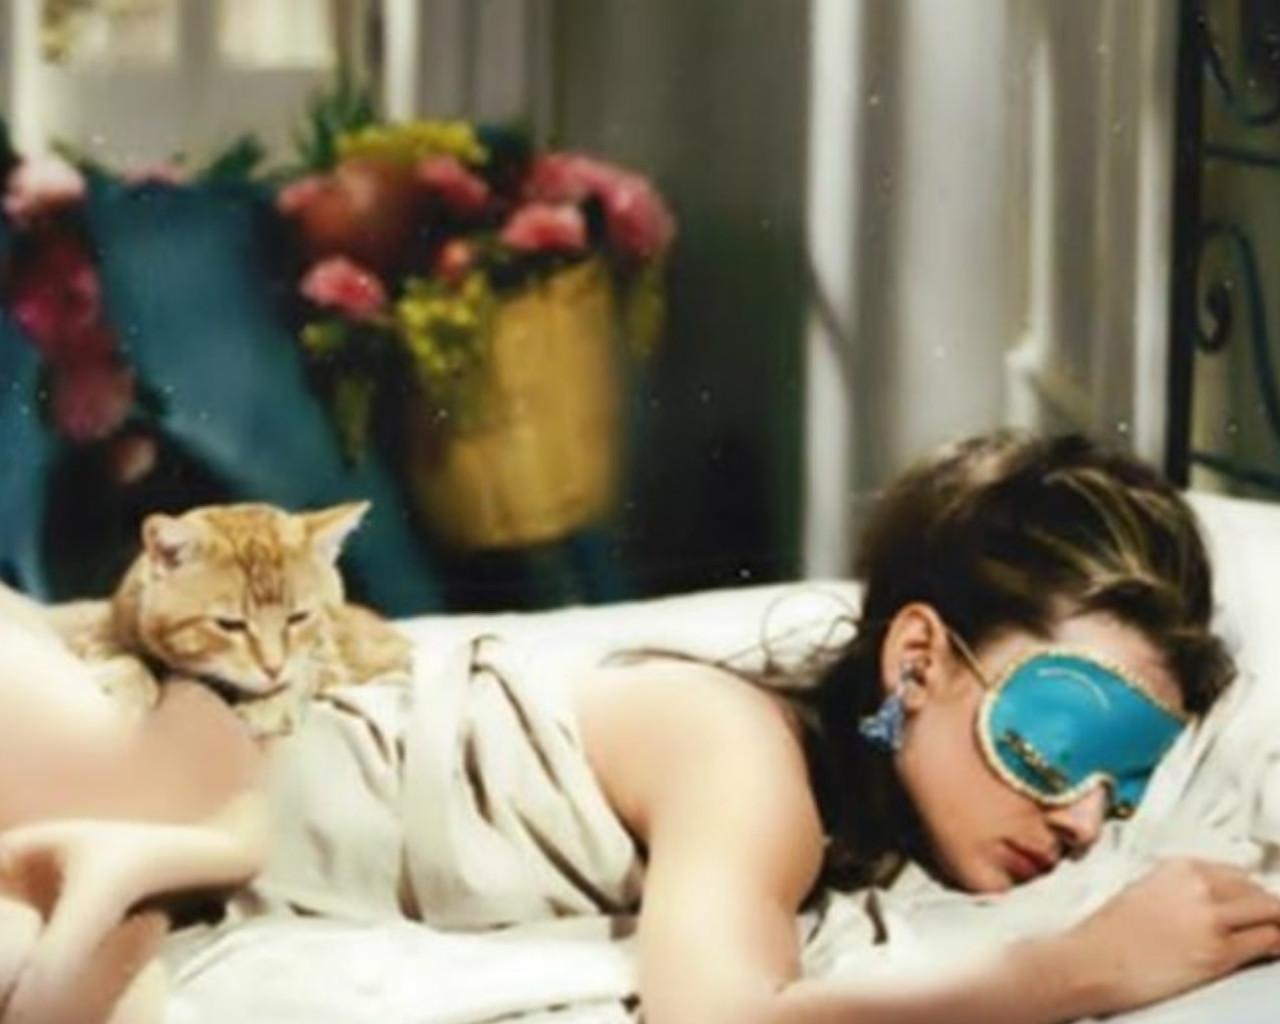 ονειρα,ονειρα quotes,ονειρα γλυκα καλο ξημερωμα,ονειρα γλυκα,ονειρα γλυκα εικονεσ,ονειρα bebe,ονιραμα,ονειρα γλυκα χανια,ονειρα με πρωην